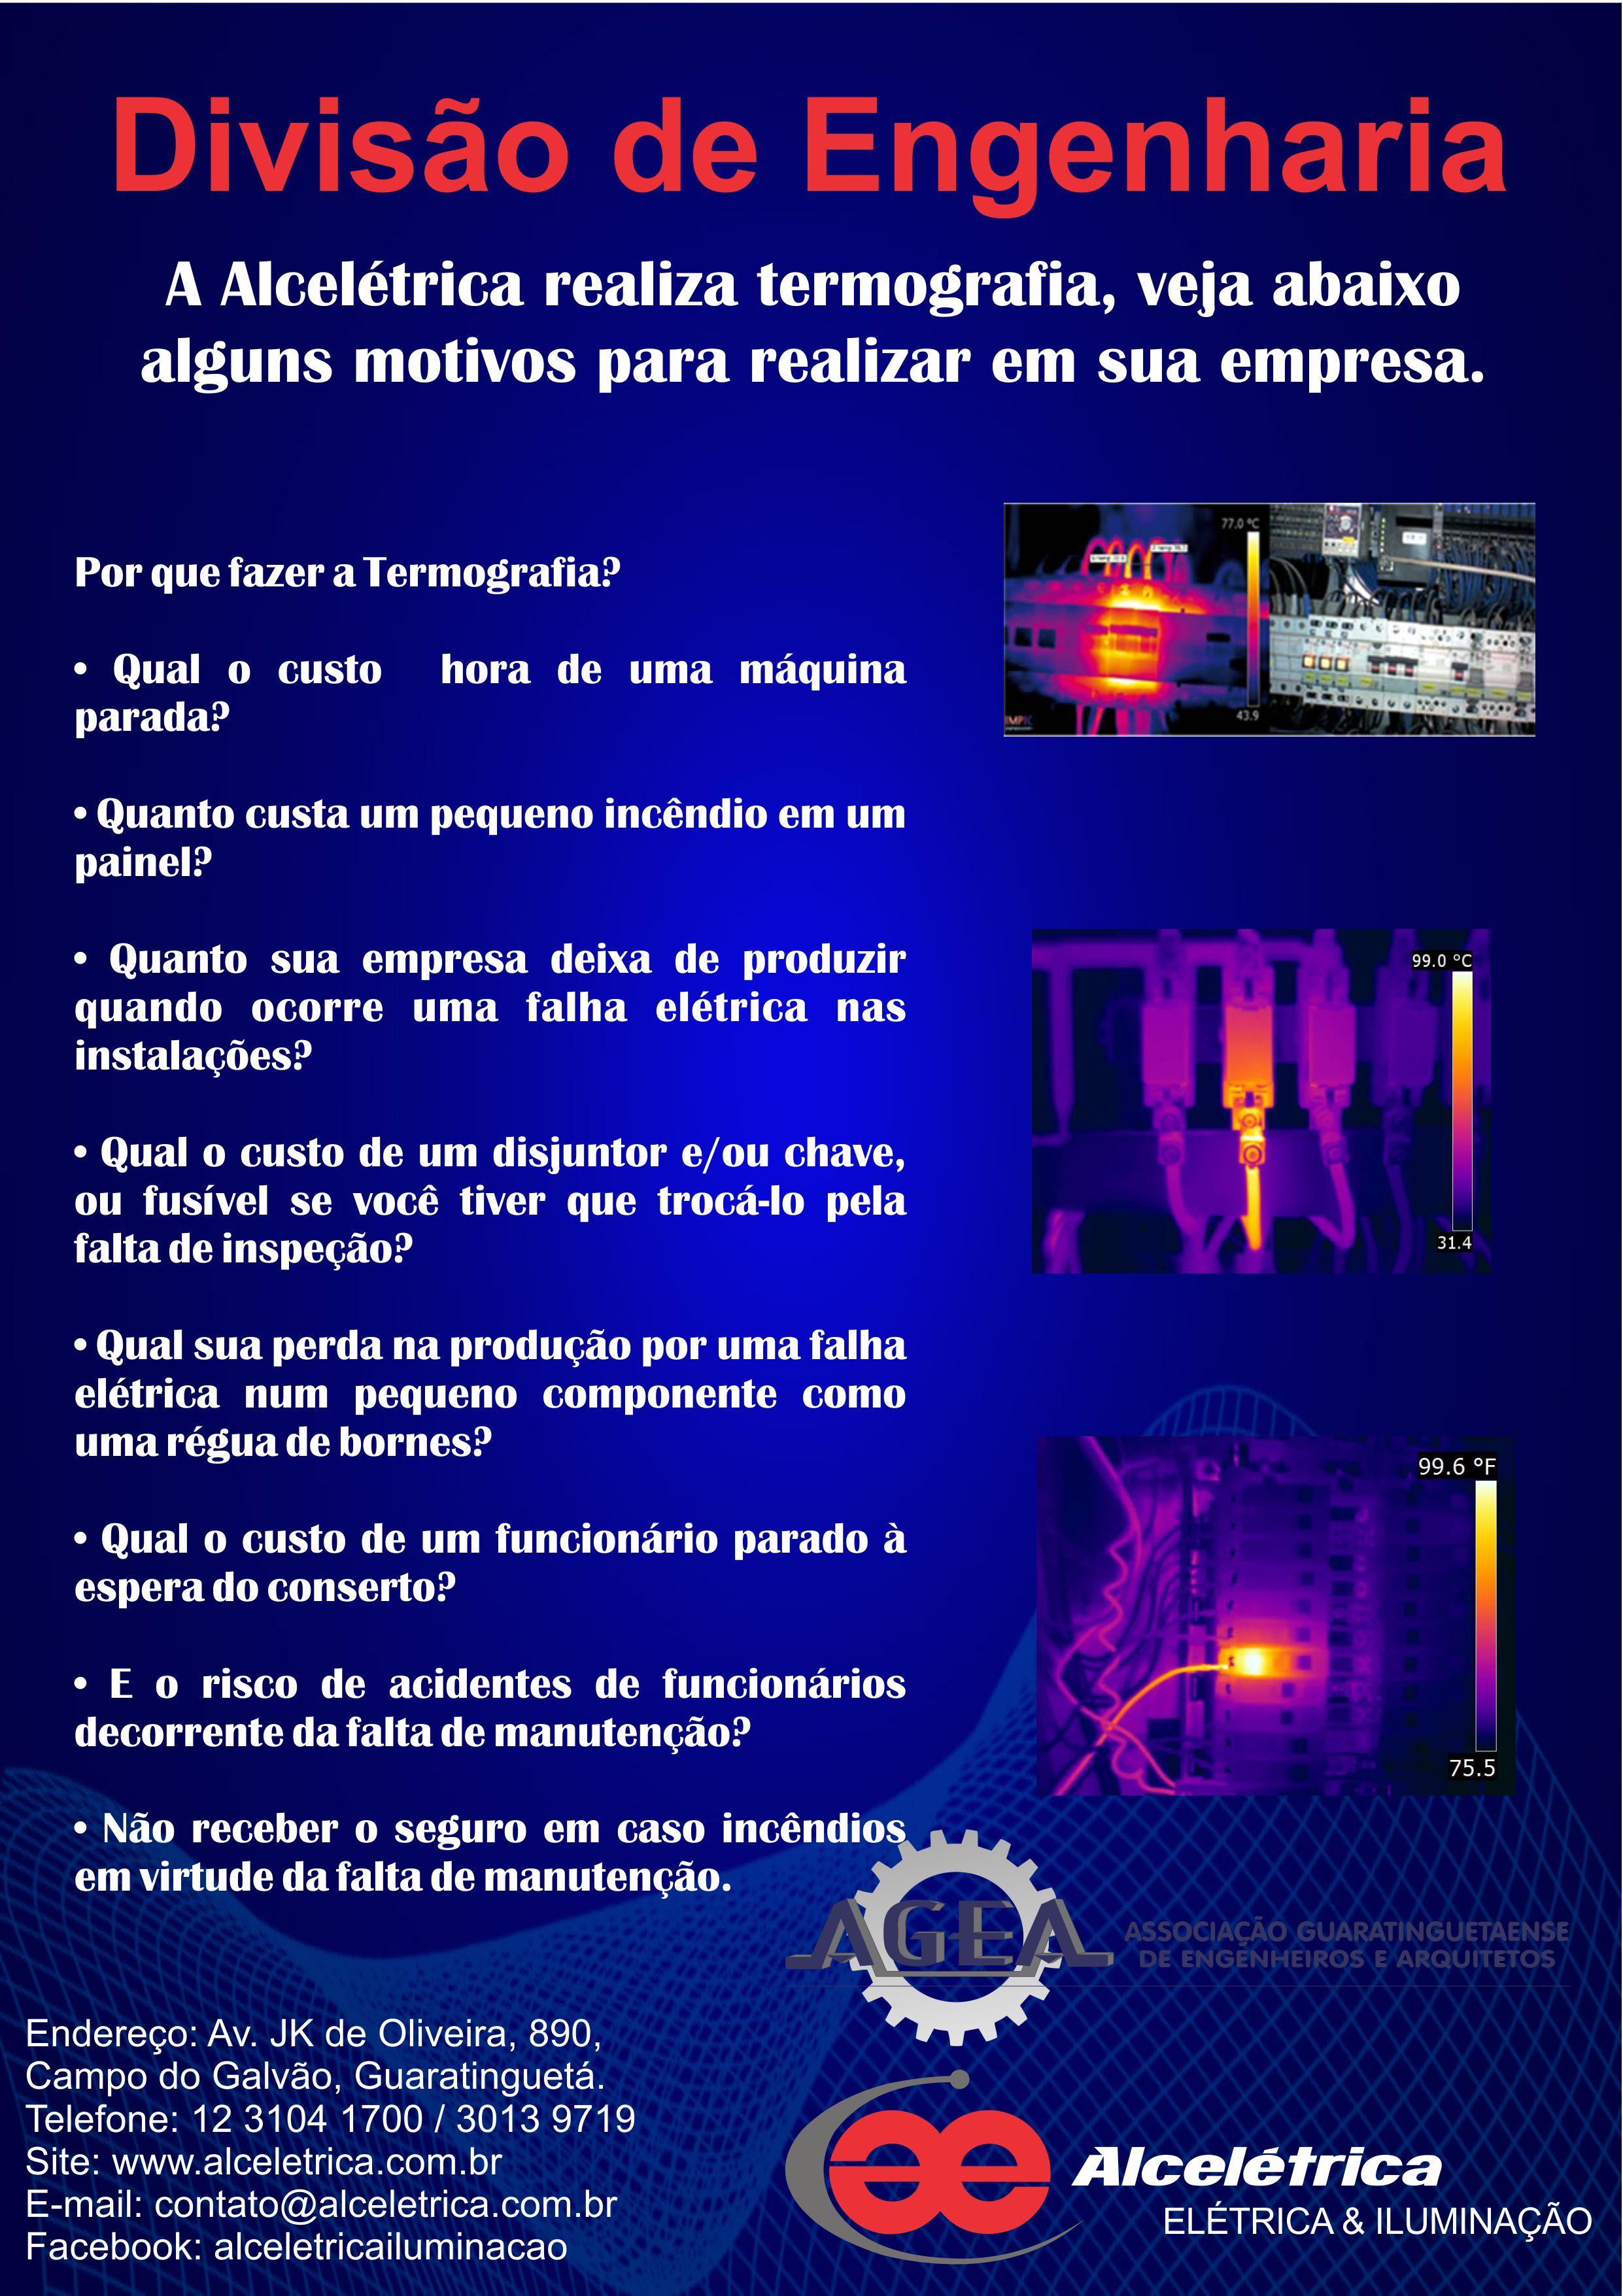 divulgacao-termografia-agea